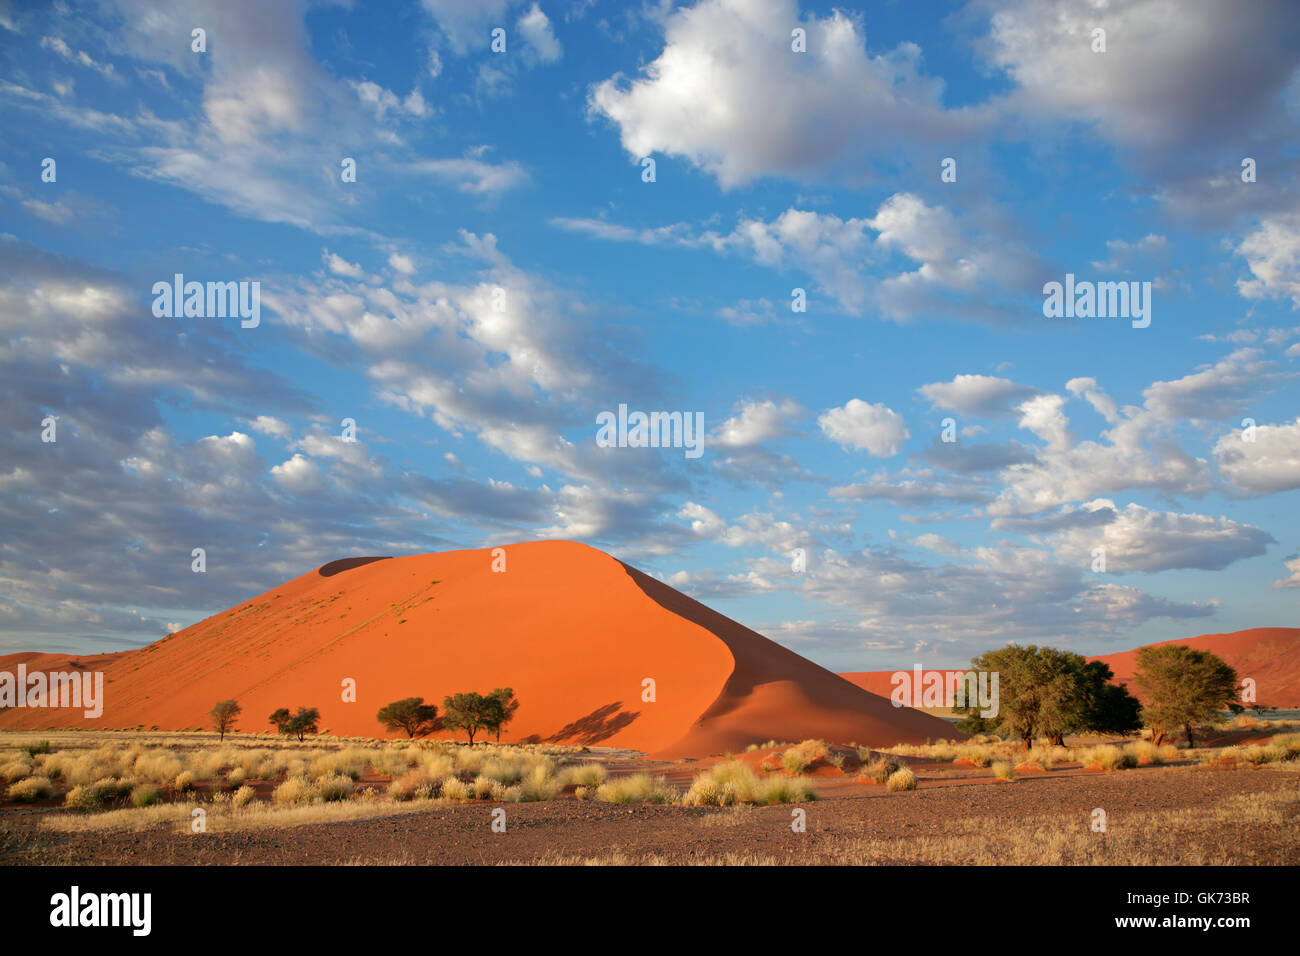 Désert désert namibie Photo Stock